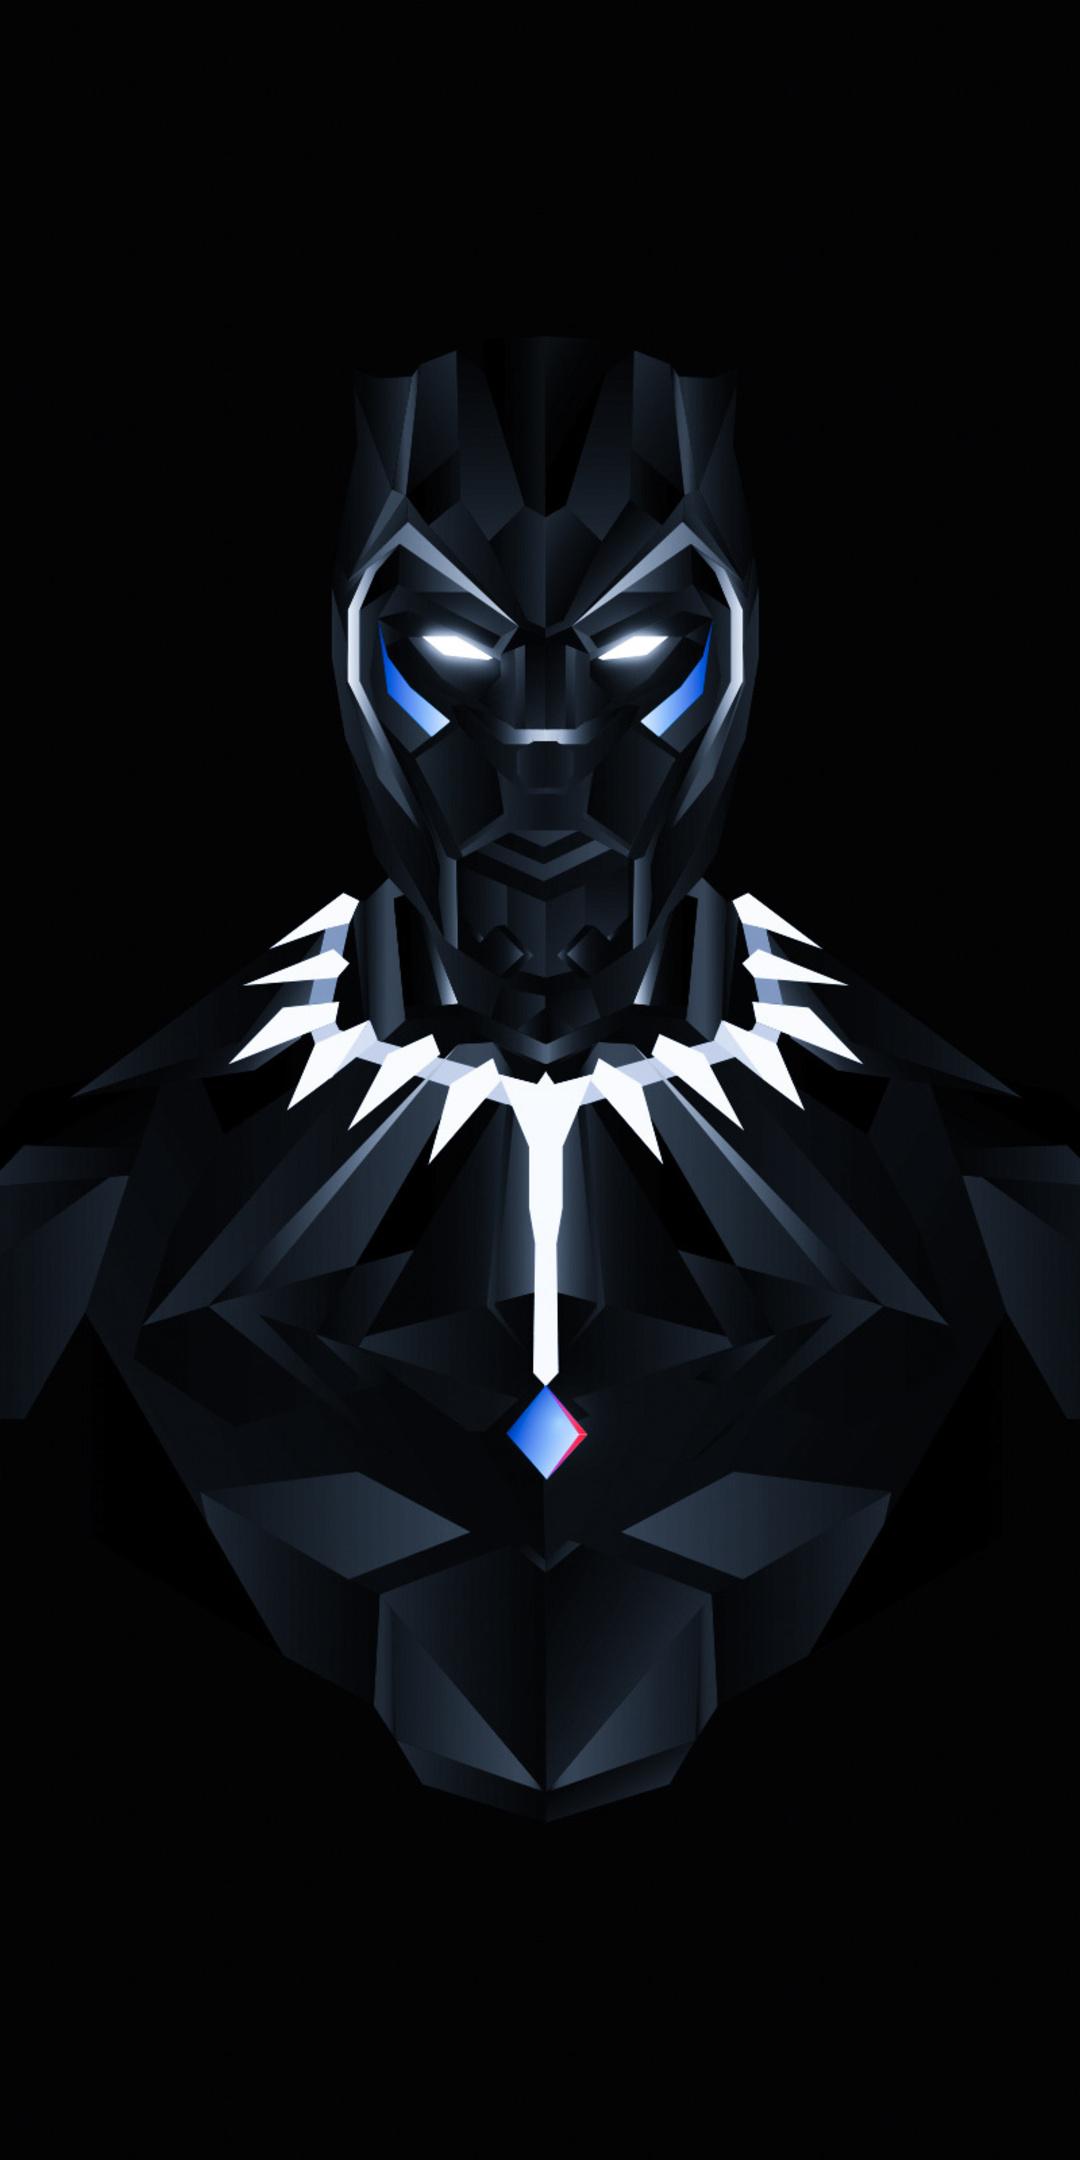 black-panther-minimal-ed.jpg